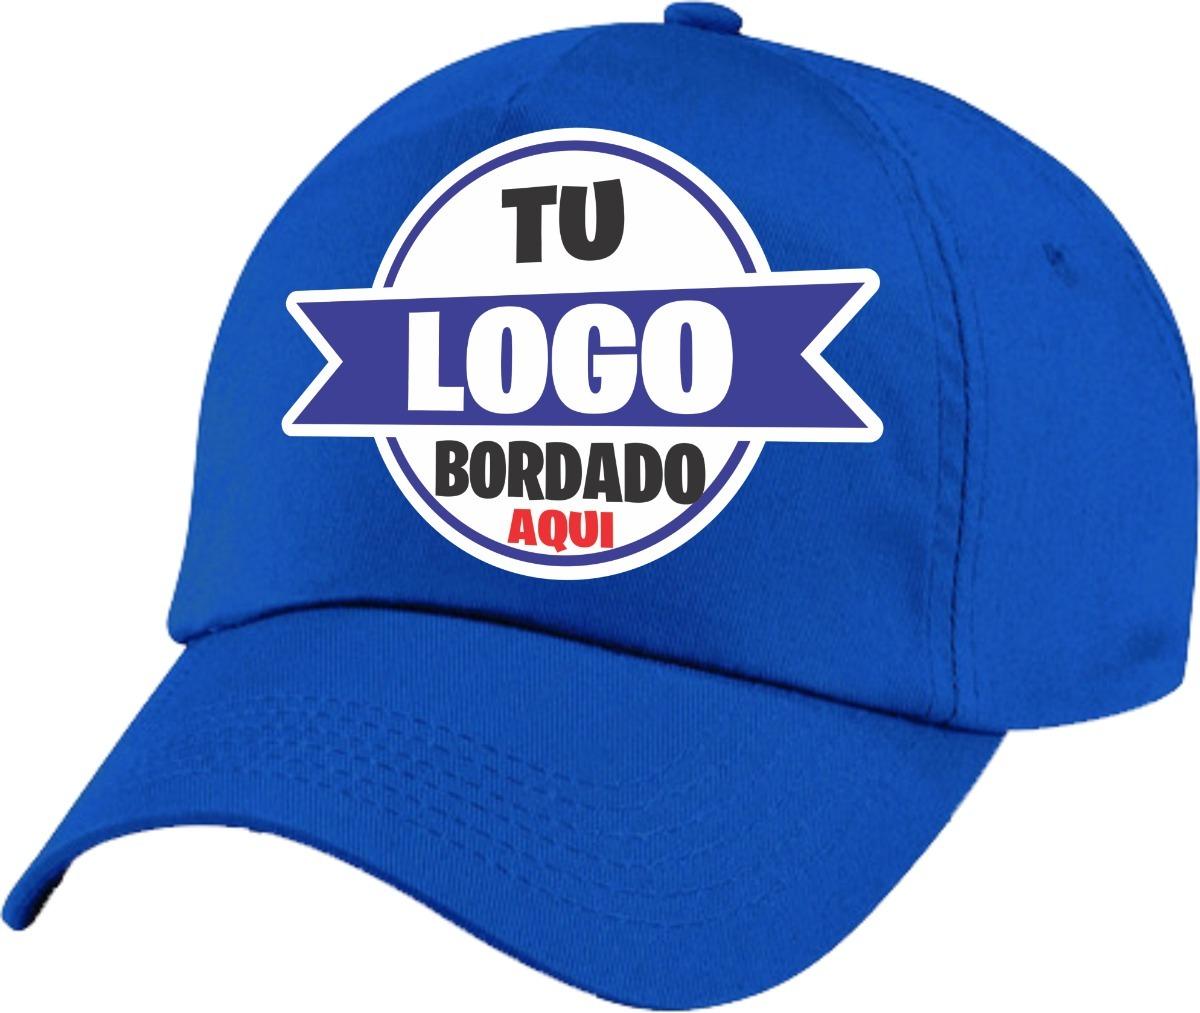 Gorras Bordadas Con Tu Logo -   45.00 en Mercado Libre e2067e2861c